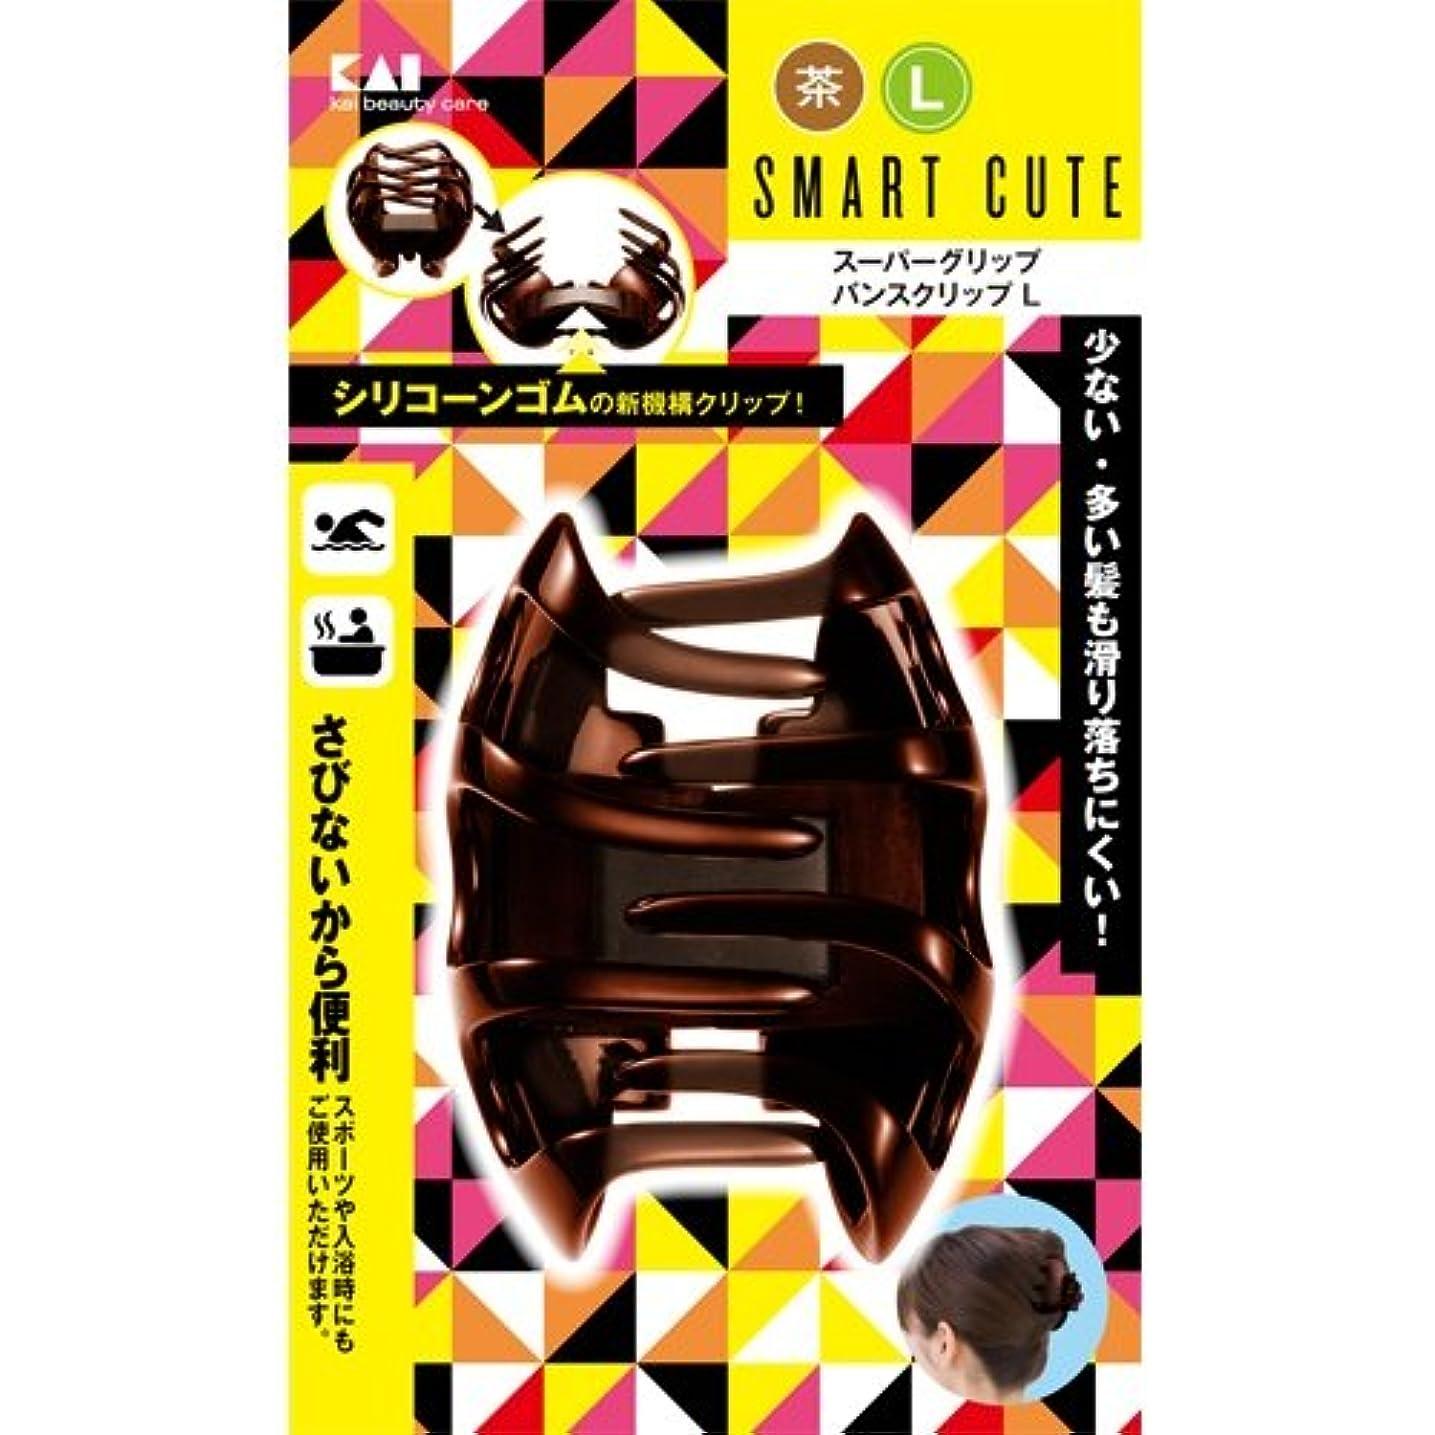 ディスクバルクとげのあるスマートキュート(SmartCute)スーパーグリップバンスクリップL茶 HC3317